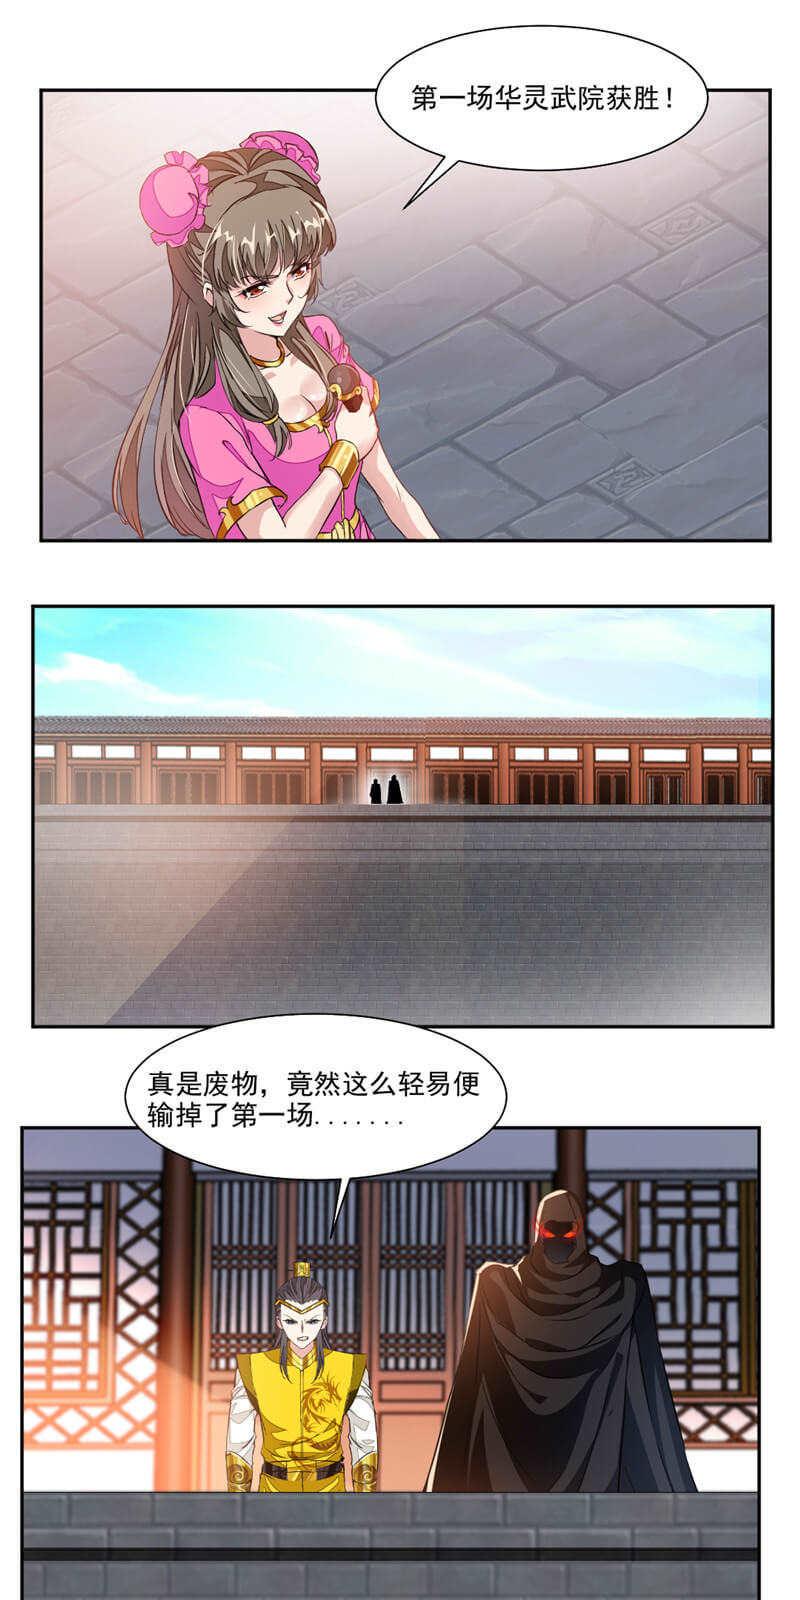 九阳神王第48话  乖乖睡吧 第 14